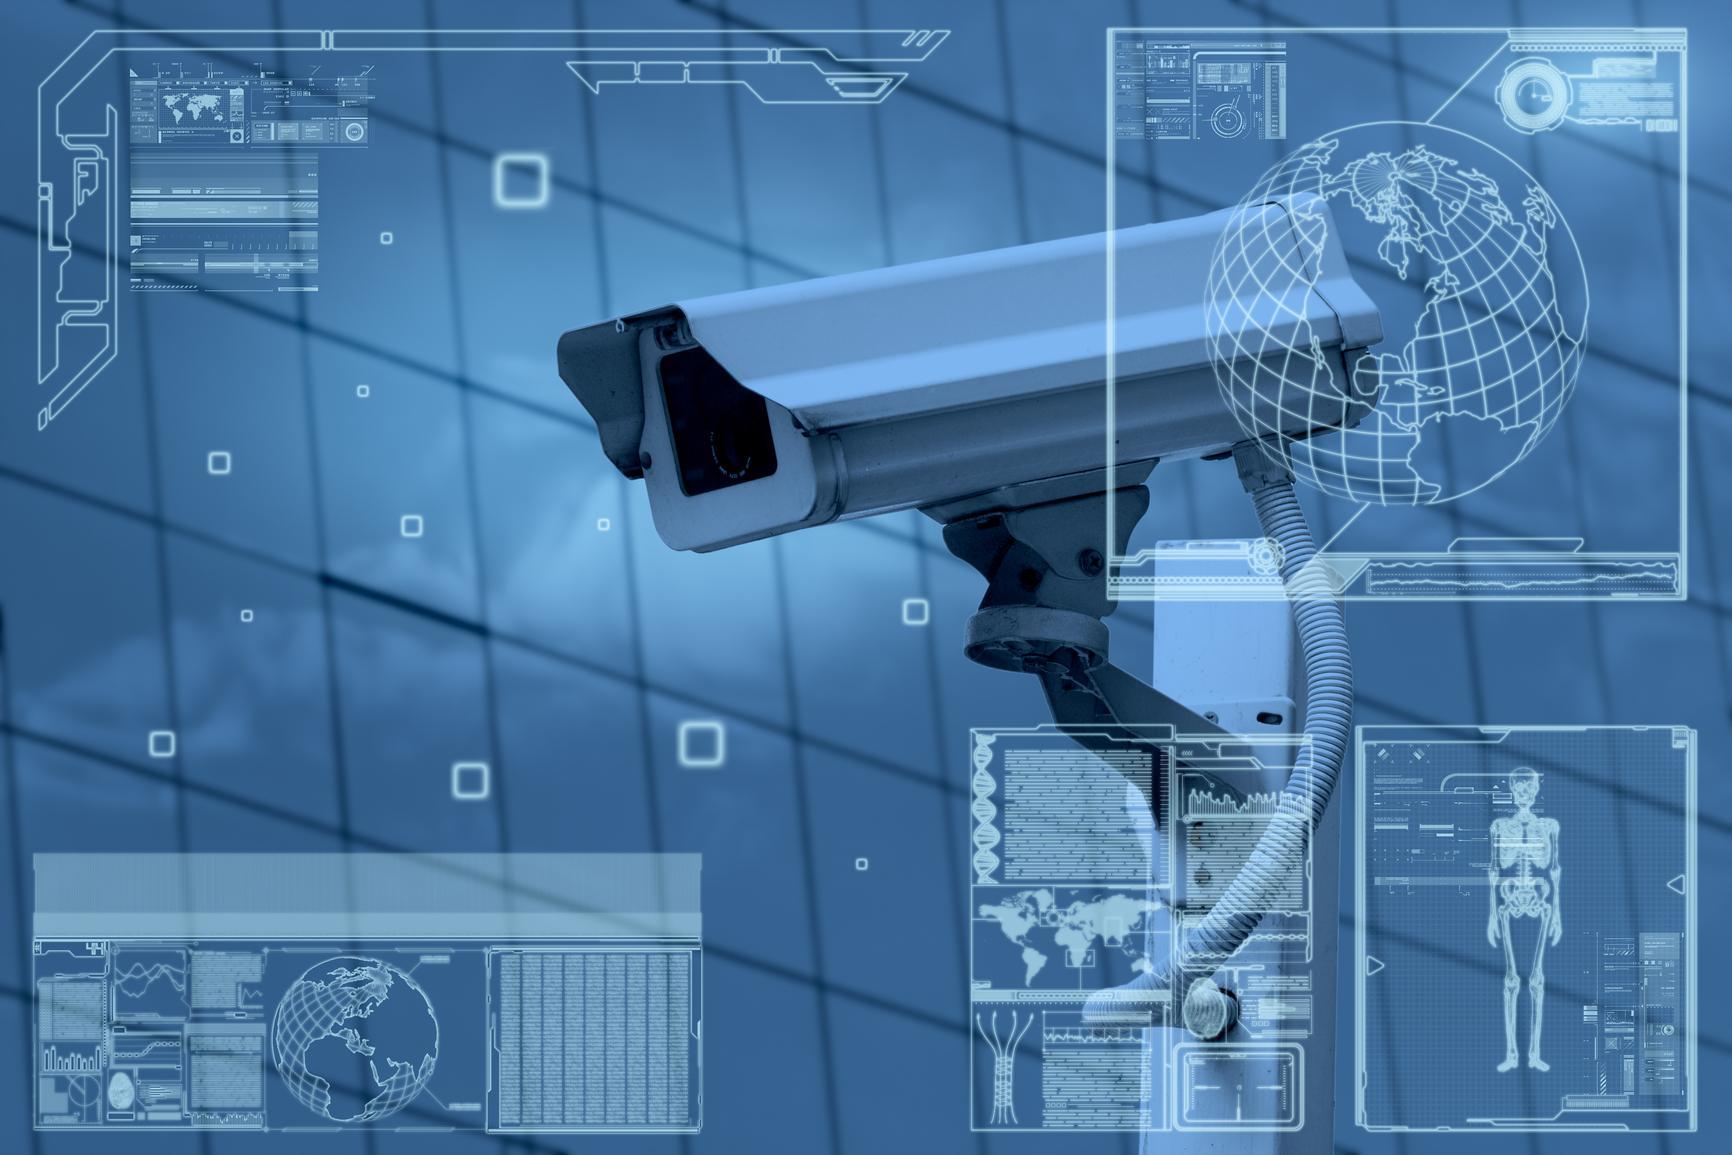 Установка систем видеонаблюдения в Минске по приложению